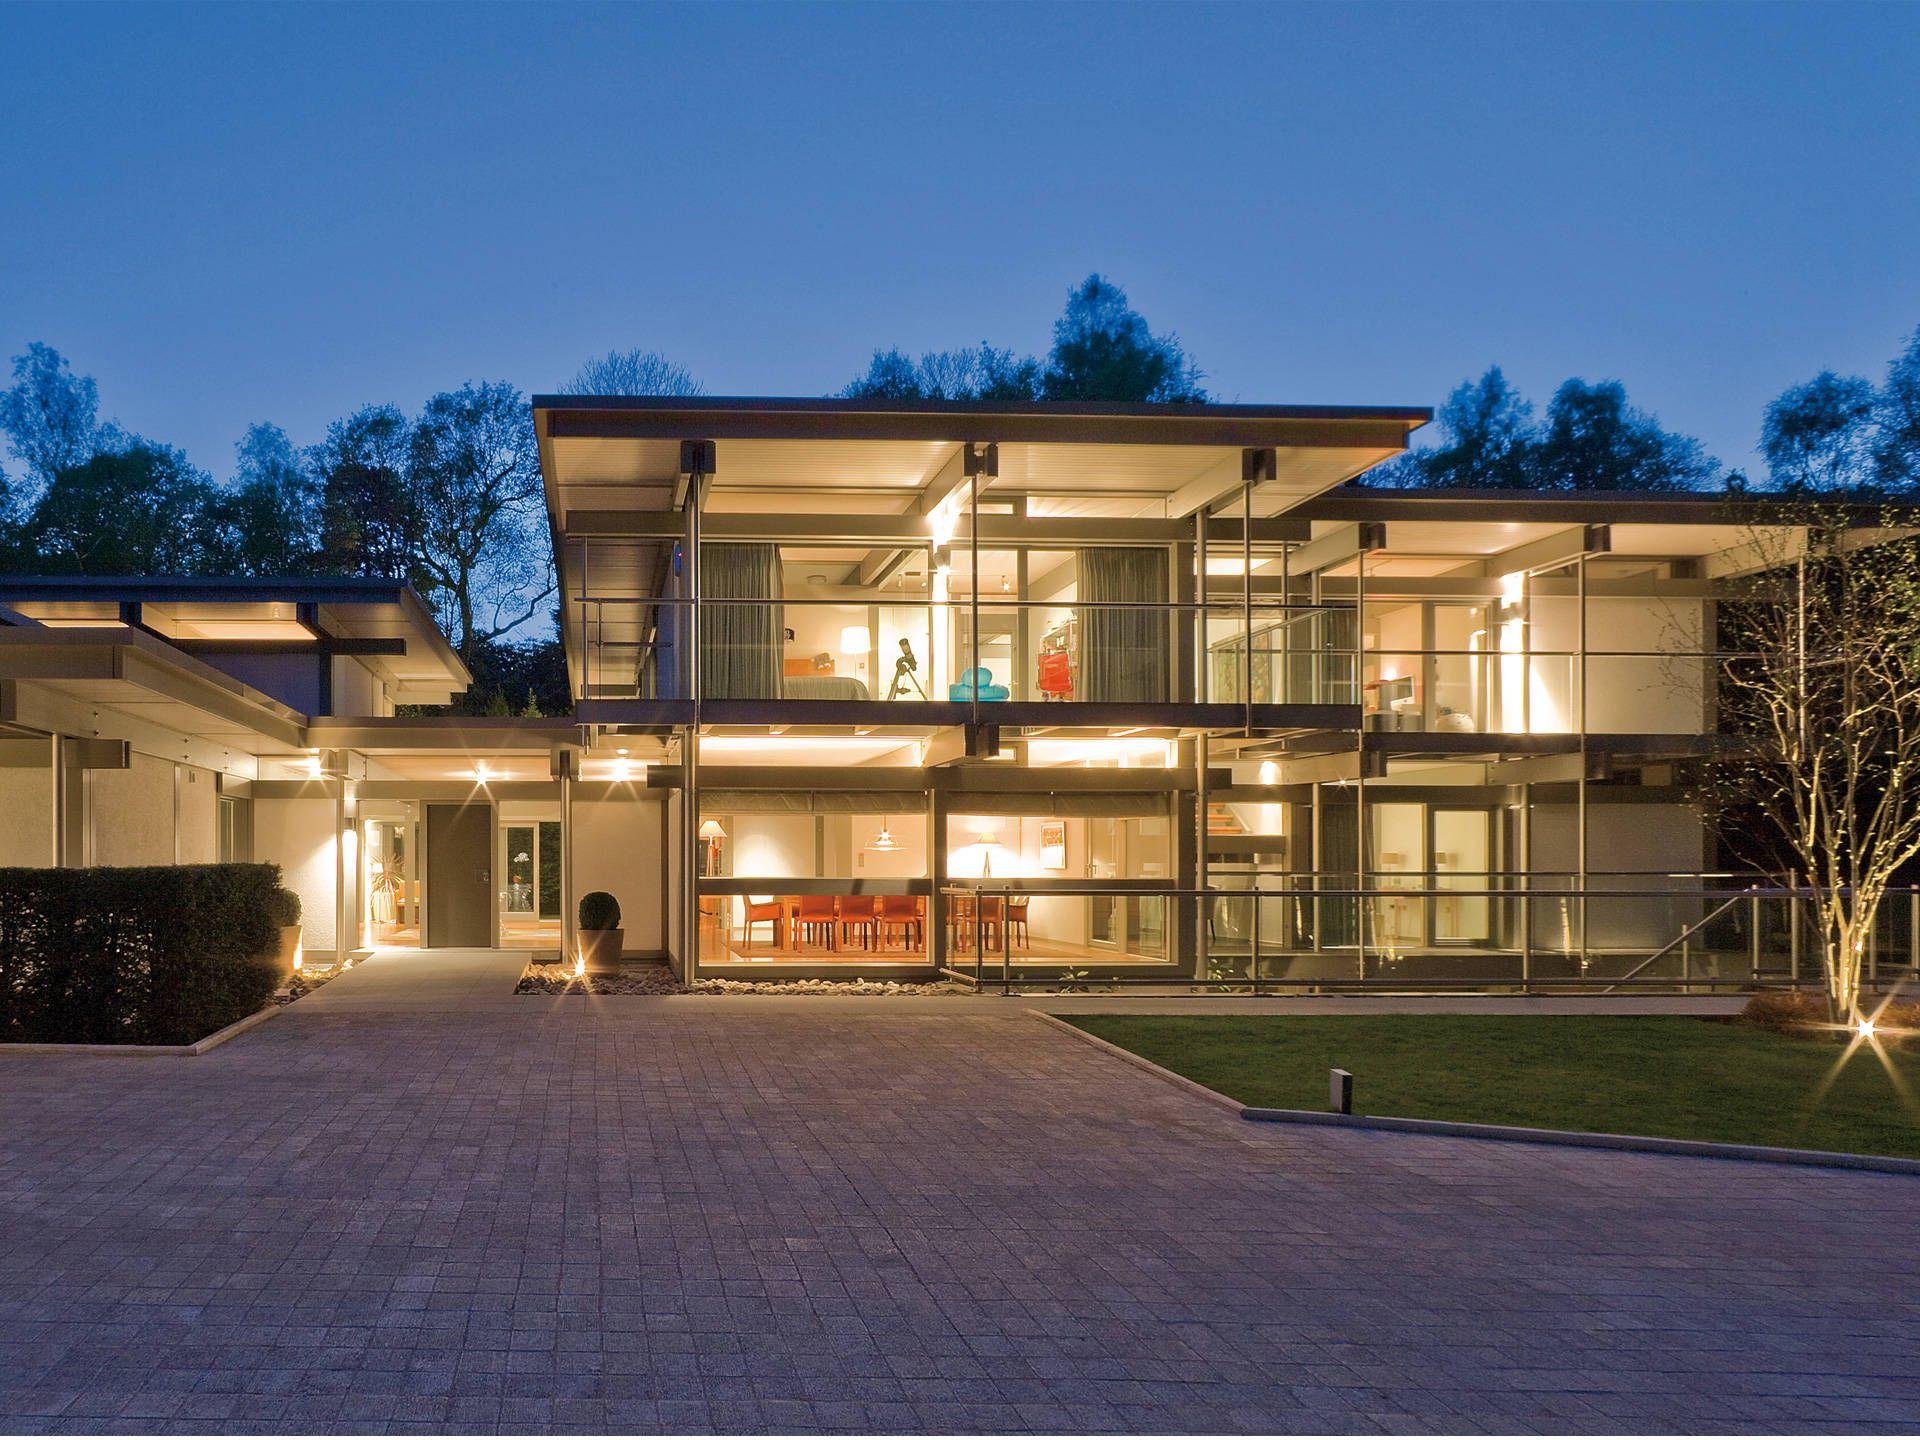 HUF Haus ART Sonder • Designerhaus von HUF HAUS • Exklusives ...